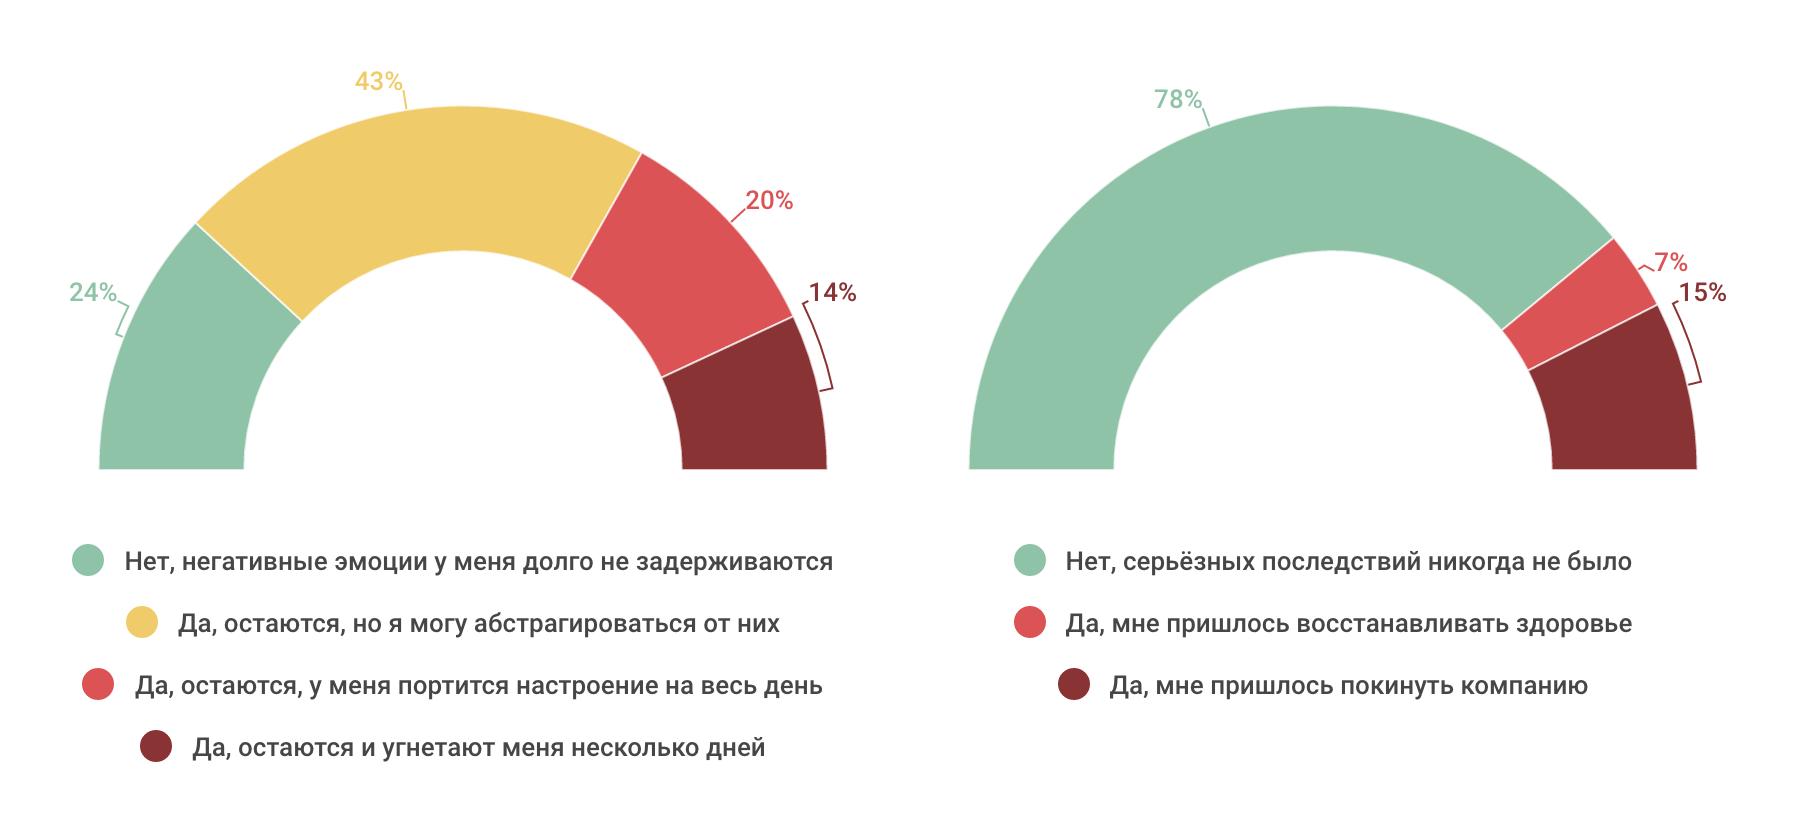 Насколько разработчики конфликтные — инфографика по результатам опроса на «Моем круге» - 5